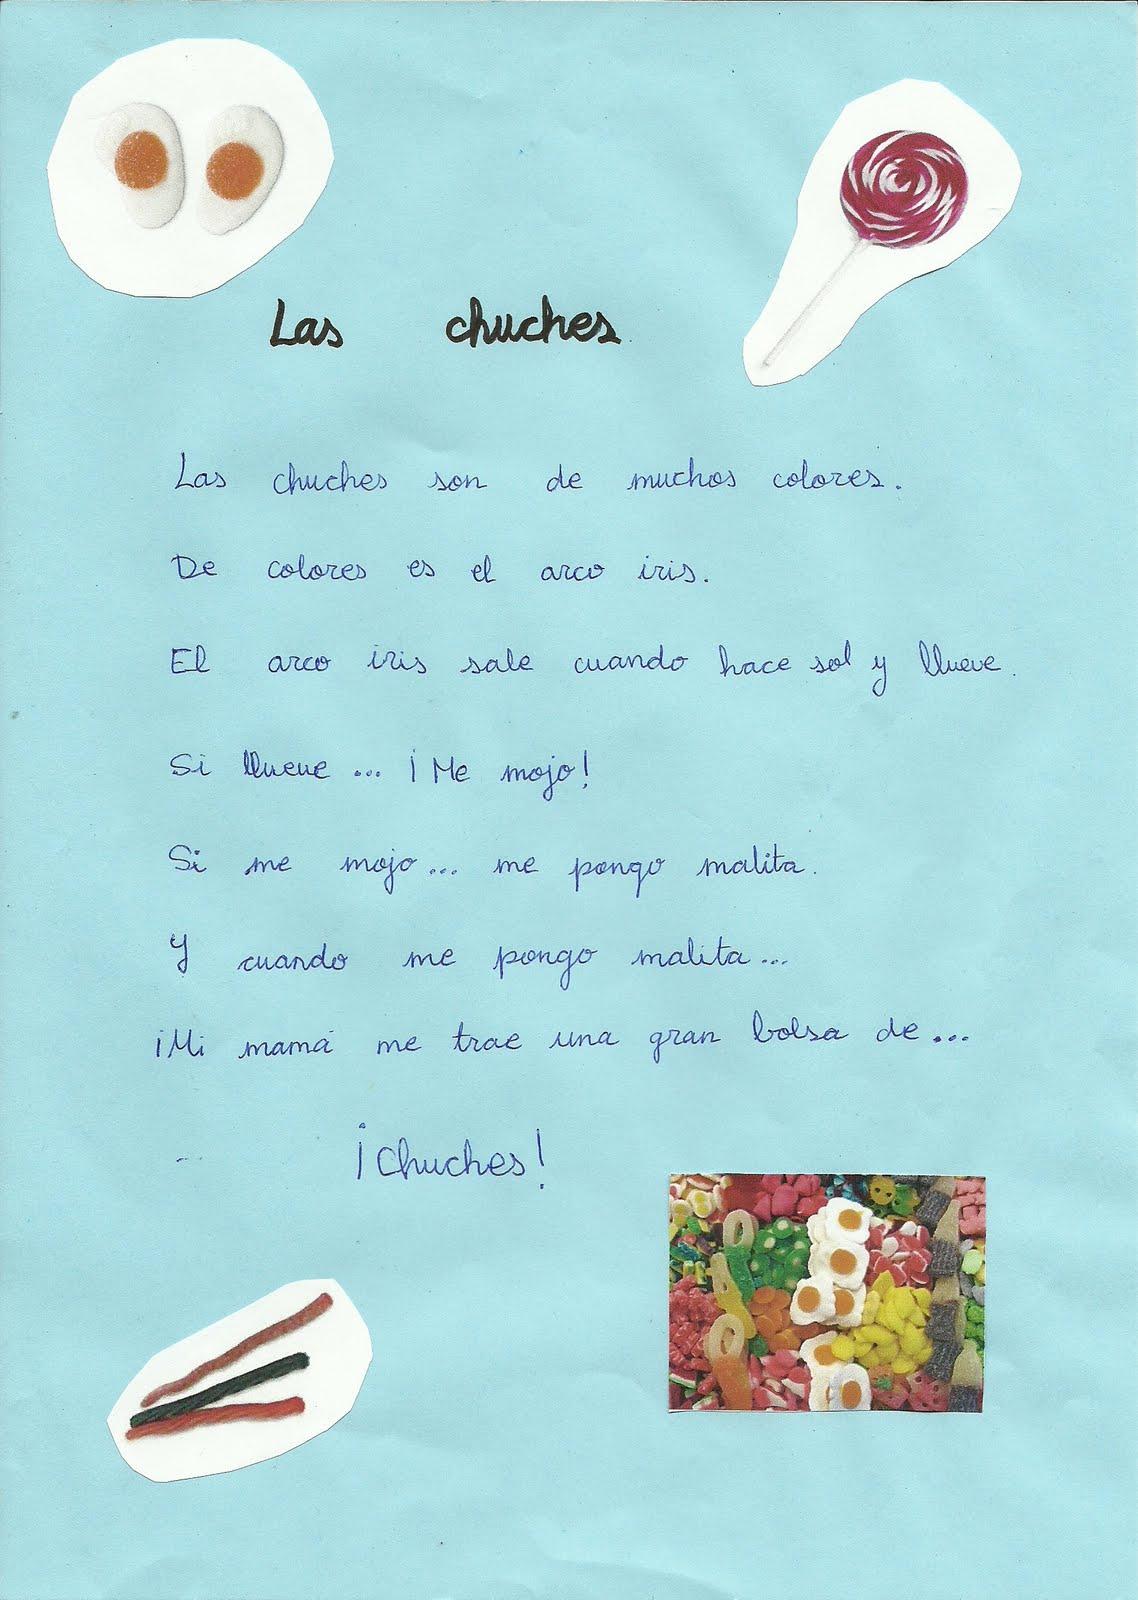 Download image Poemas Canciones Escritas Por Mi PC, Android, iPhone